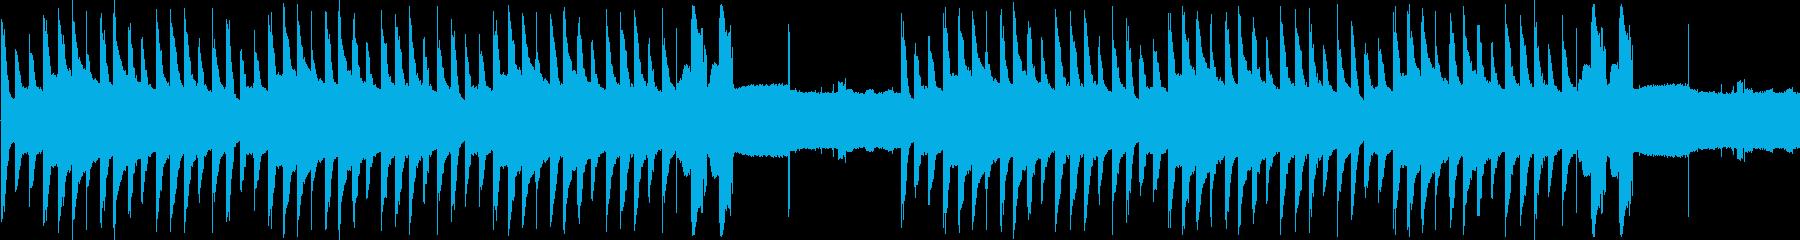 【アミューズメント/入場曲/ポップ】の再生済みの波形